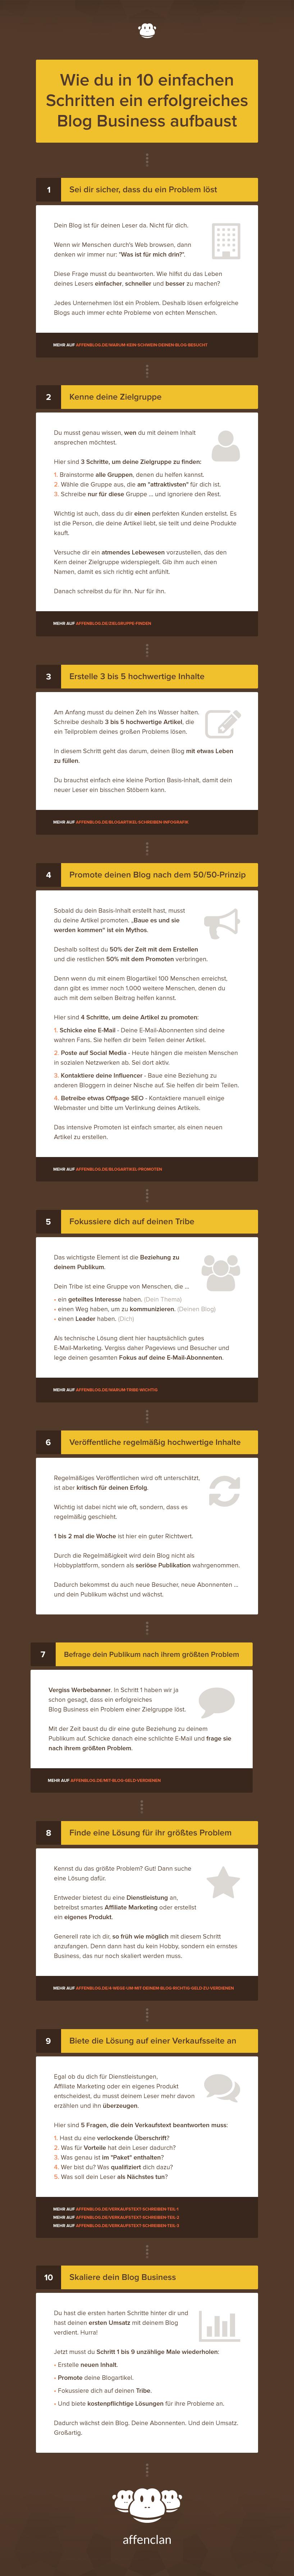 Wie du in 10 einfachen Schritten ein erfolgreiches Blog Business aufbaust